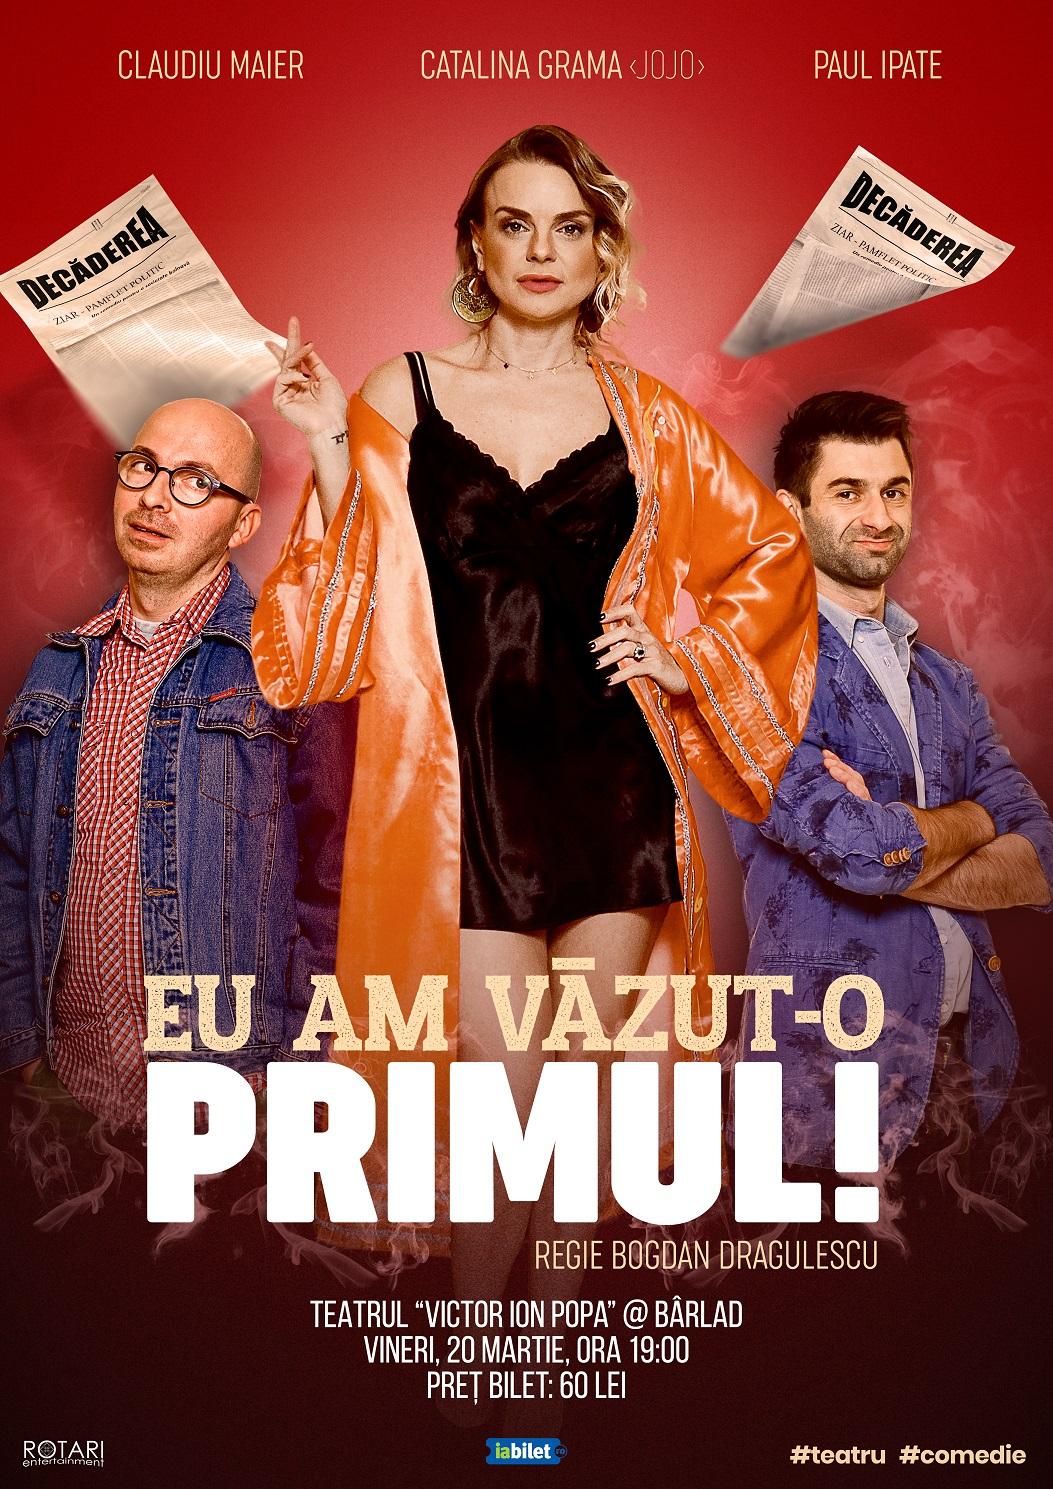 Eu am văzut-o primul în regia lui Bogdan Drăgulescu, cu Claudiu Maier, Cătălina Grama și Paul Ipate, la Teatrul Victor Ion Popa din Bârlad